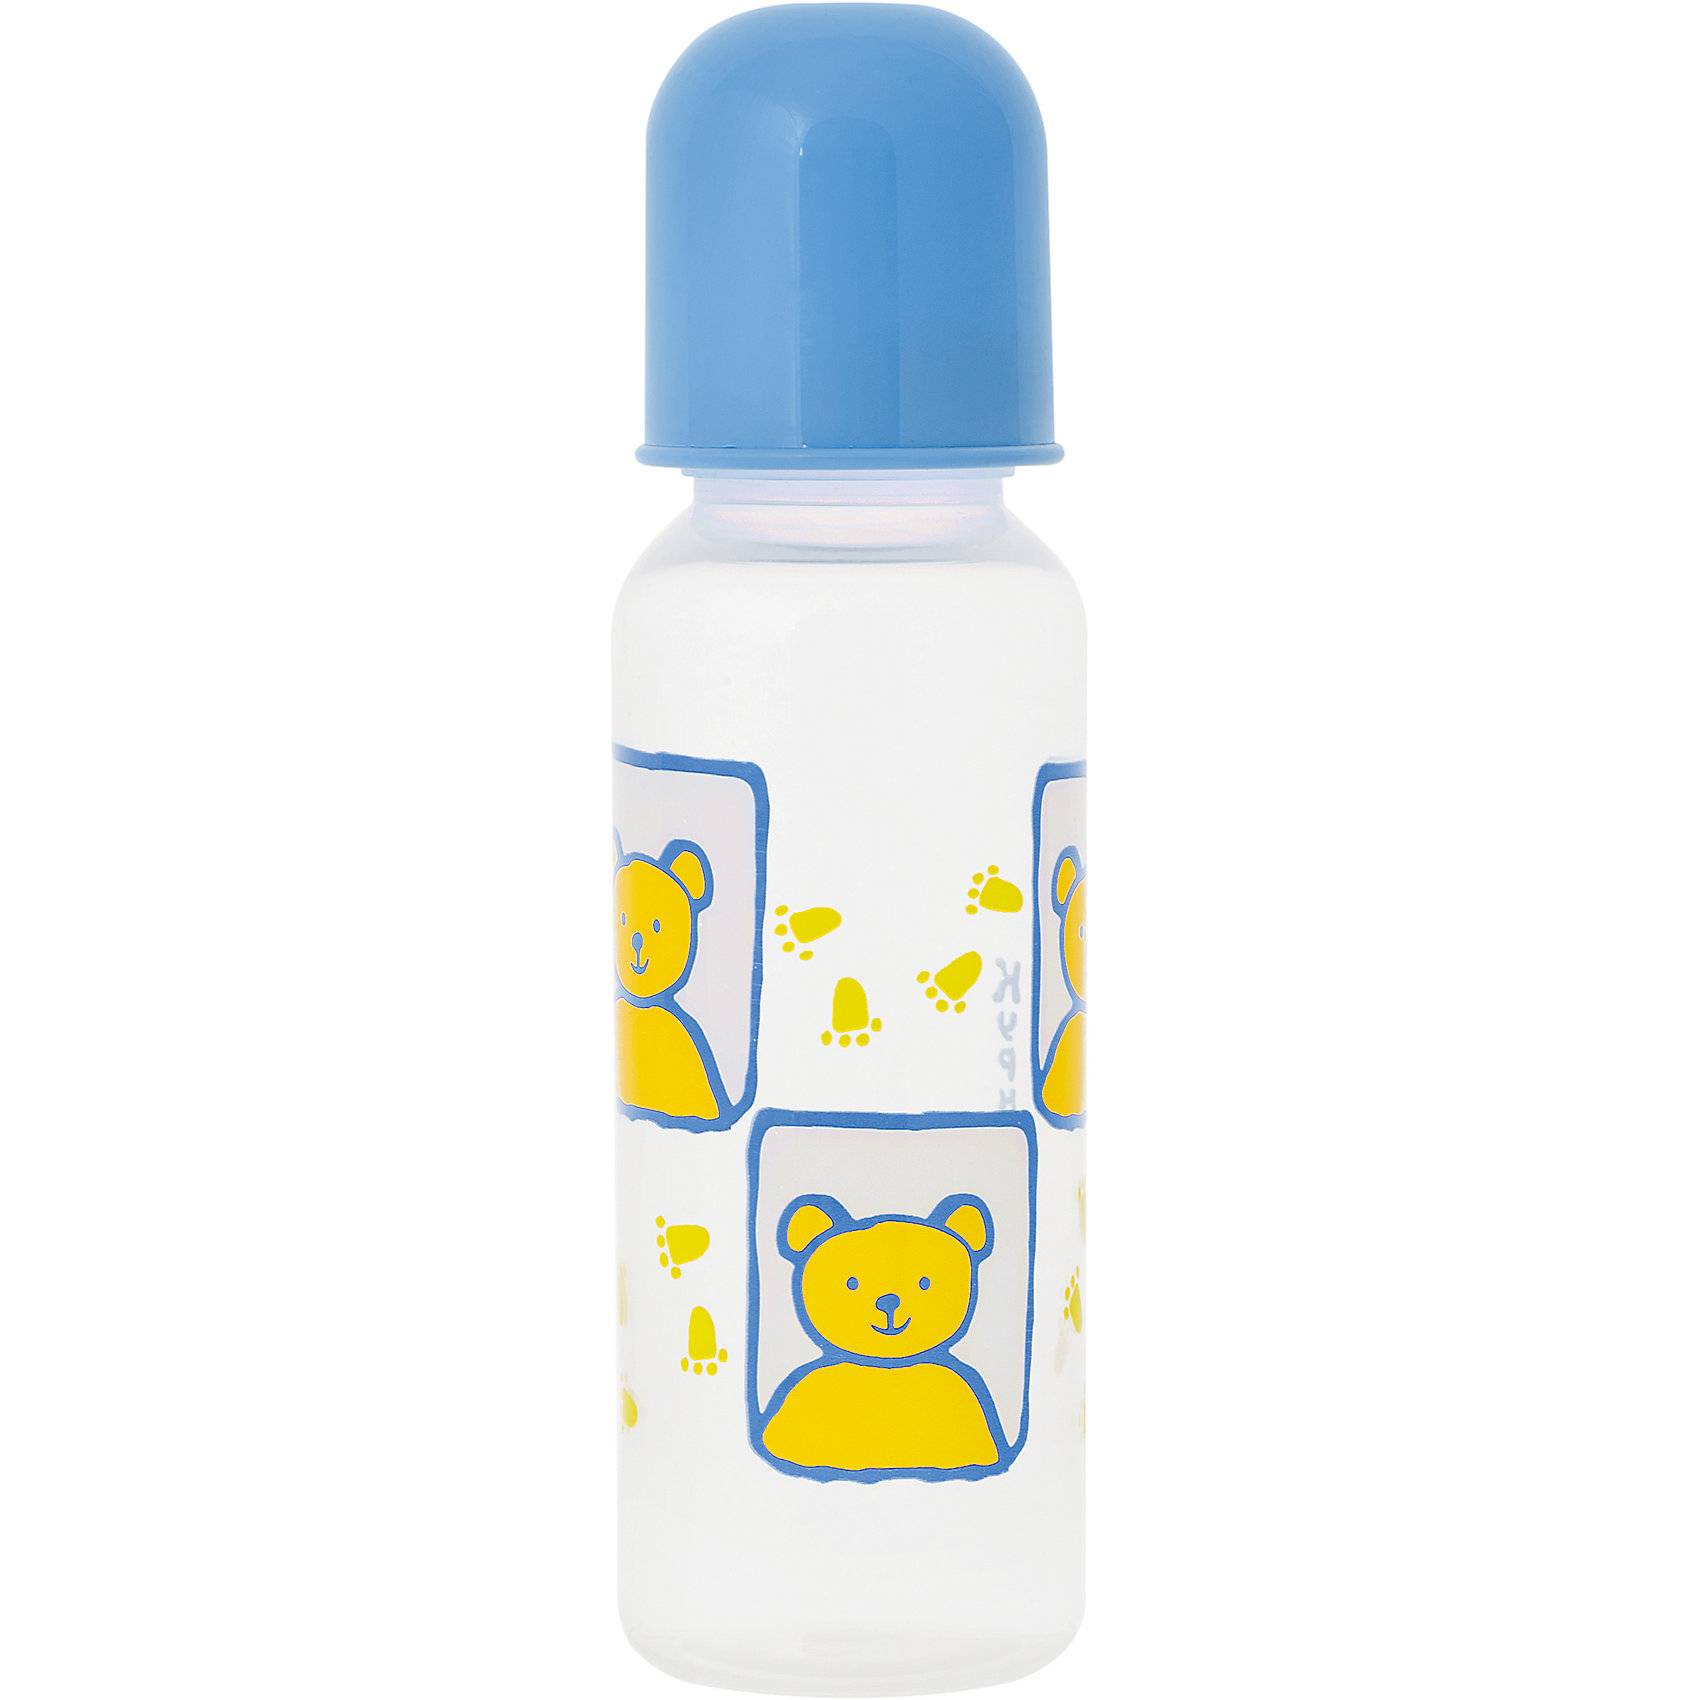 Бутылочка с крышкой и силиконовой соской, 250 мл, Kurnosiki, голубойБутылочки и аксессуары<br>Характеристики:<br><br>• Наименование: бутылка для кормления<br>• Рекомендуемый возраст: от 0 месяцев<br>• Пол: для мальчика<br>• Объем: 250 мл<br>• Материал: силикон, пластик<br>• Цвет: голубой<br>• Рисунок: медвежонок<br>• Форма соски: классическая<br>• Поток у соски: медленный<br>• Комплектация: бутылочка, соска, колпачок<br>• Узкое горлышко<br>• Вес: 90 г<br>• Можно использовать в СВЧ и посудомоечной машине<br>• Особенности ухода: регулярная стерилизация и своевременная замена соски<br><br>Бутылочка с крышкой и силиконовой соской, 250 мл, Kurnosiki, голубой выполнена из прочного и термостойкого пластика, на котором не появляются царапины и сколы. У бутылочки узкое горлышко. Силиконовая соска классической формы, не имеет цвета и запаха, обладает повышенными гипоаллергенными свойствами. <br><br>Изделие выполнено в стильном дизайне: на бутылочку нанесено брендовое изображение медвежонка. Рисунок устойчив к выцветанию и истиранию. Бутылочка с крышкой и силиконовой соской, 250 мл, Kurnosiki, голубой – это практичный и стильный предмет для кормления малыша!<br><br>Бутылочку с крышкой и силиконовой соской, 250 мл, Kurnosiki, голубой можно купить в нашем интернет-магазине.<br><br>Ширина мм: 55<br>Глубина мм: 75<br>Высота мм: 210<br>Вес г: 78<br>Возраст от месяцев: 0<br>Возраст до месяцев: 18<br>Пол: Мужской<br>Возраст: Детский<br>SKU: 5428794